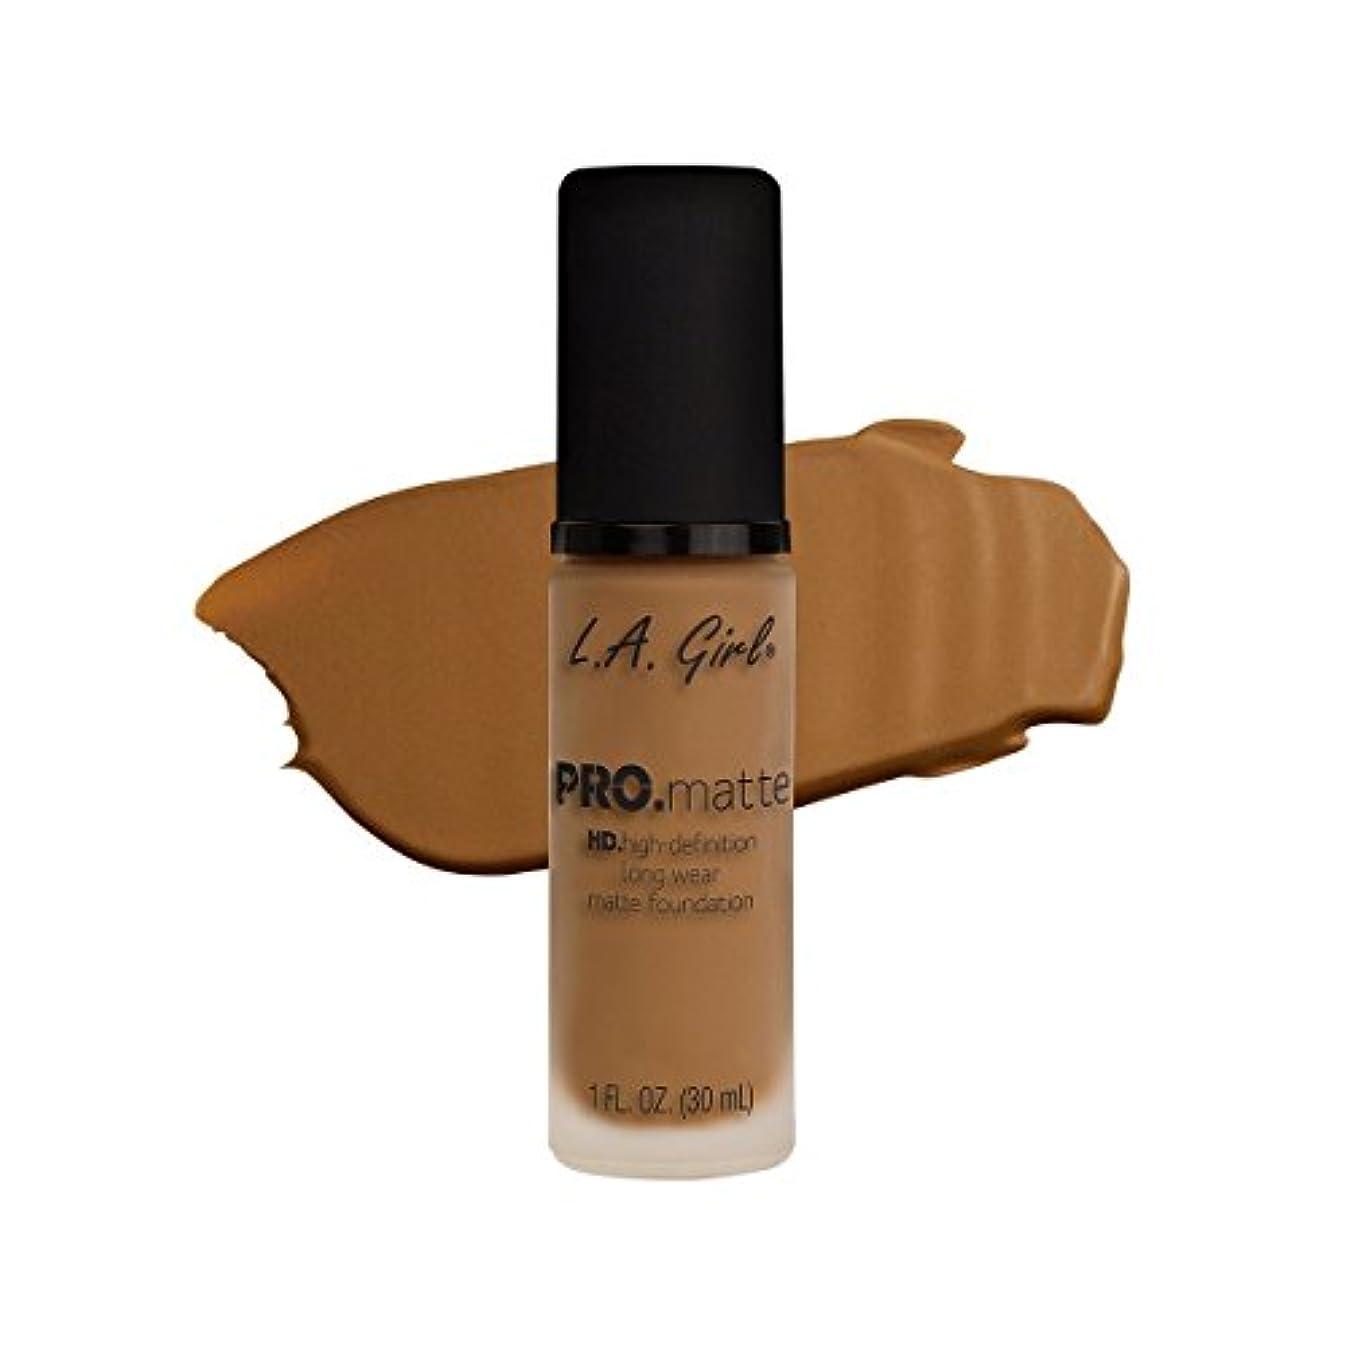 置くためにパック緑自分自身(3 Pack) L.A. GIRL Pro Matte Foundation - Caramel (並行輸入品)